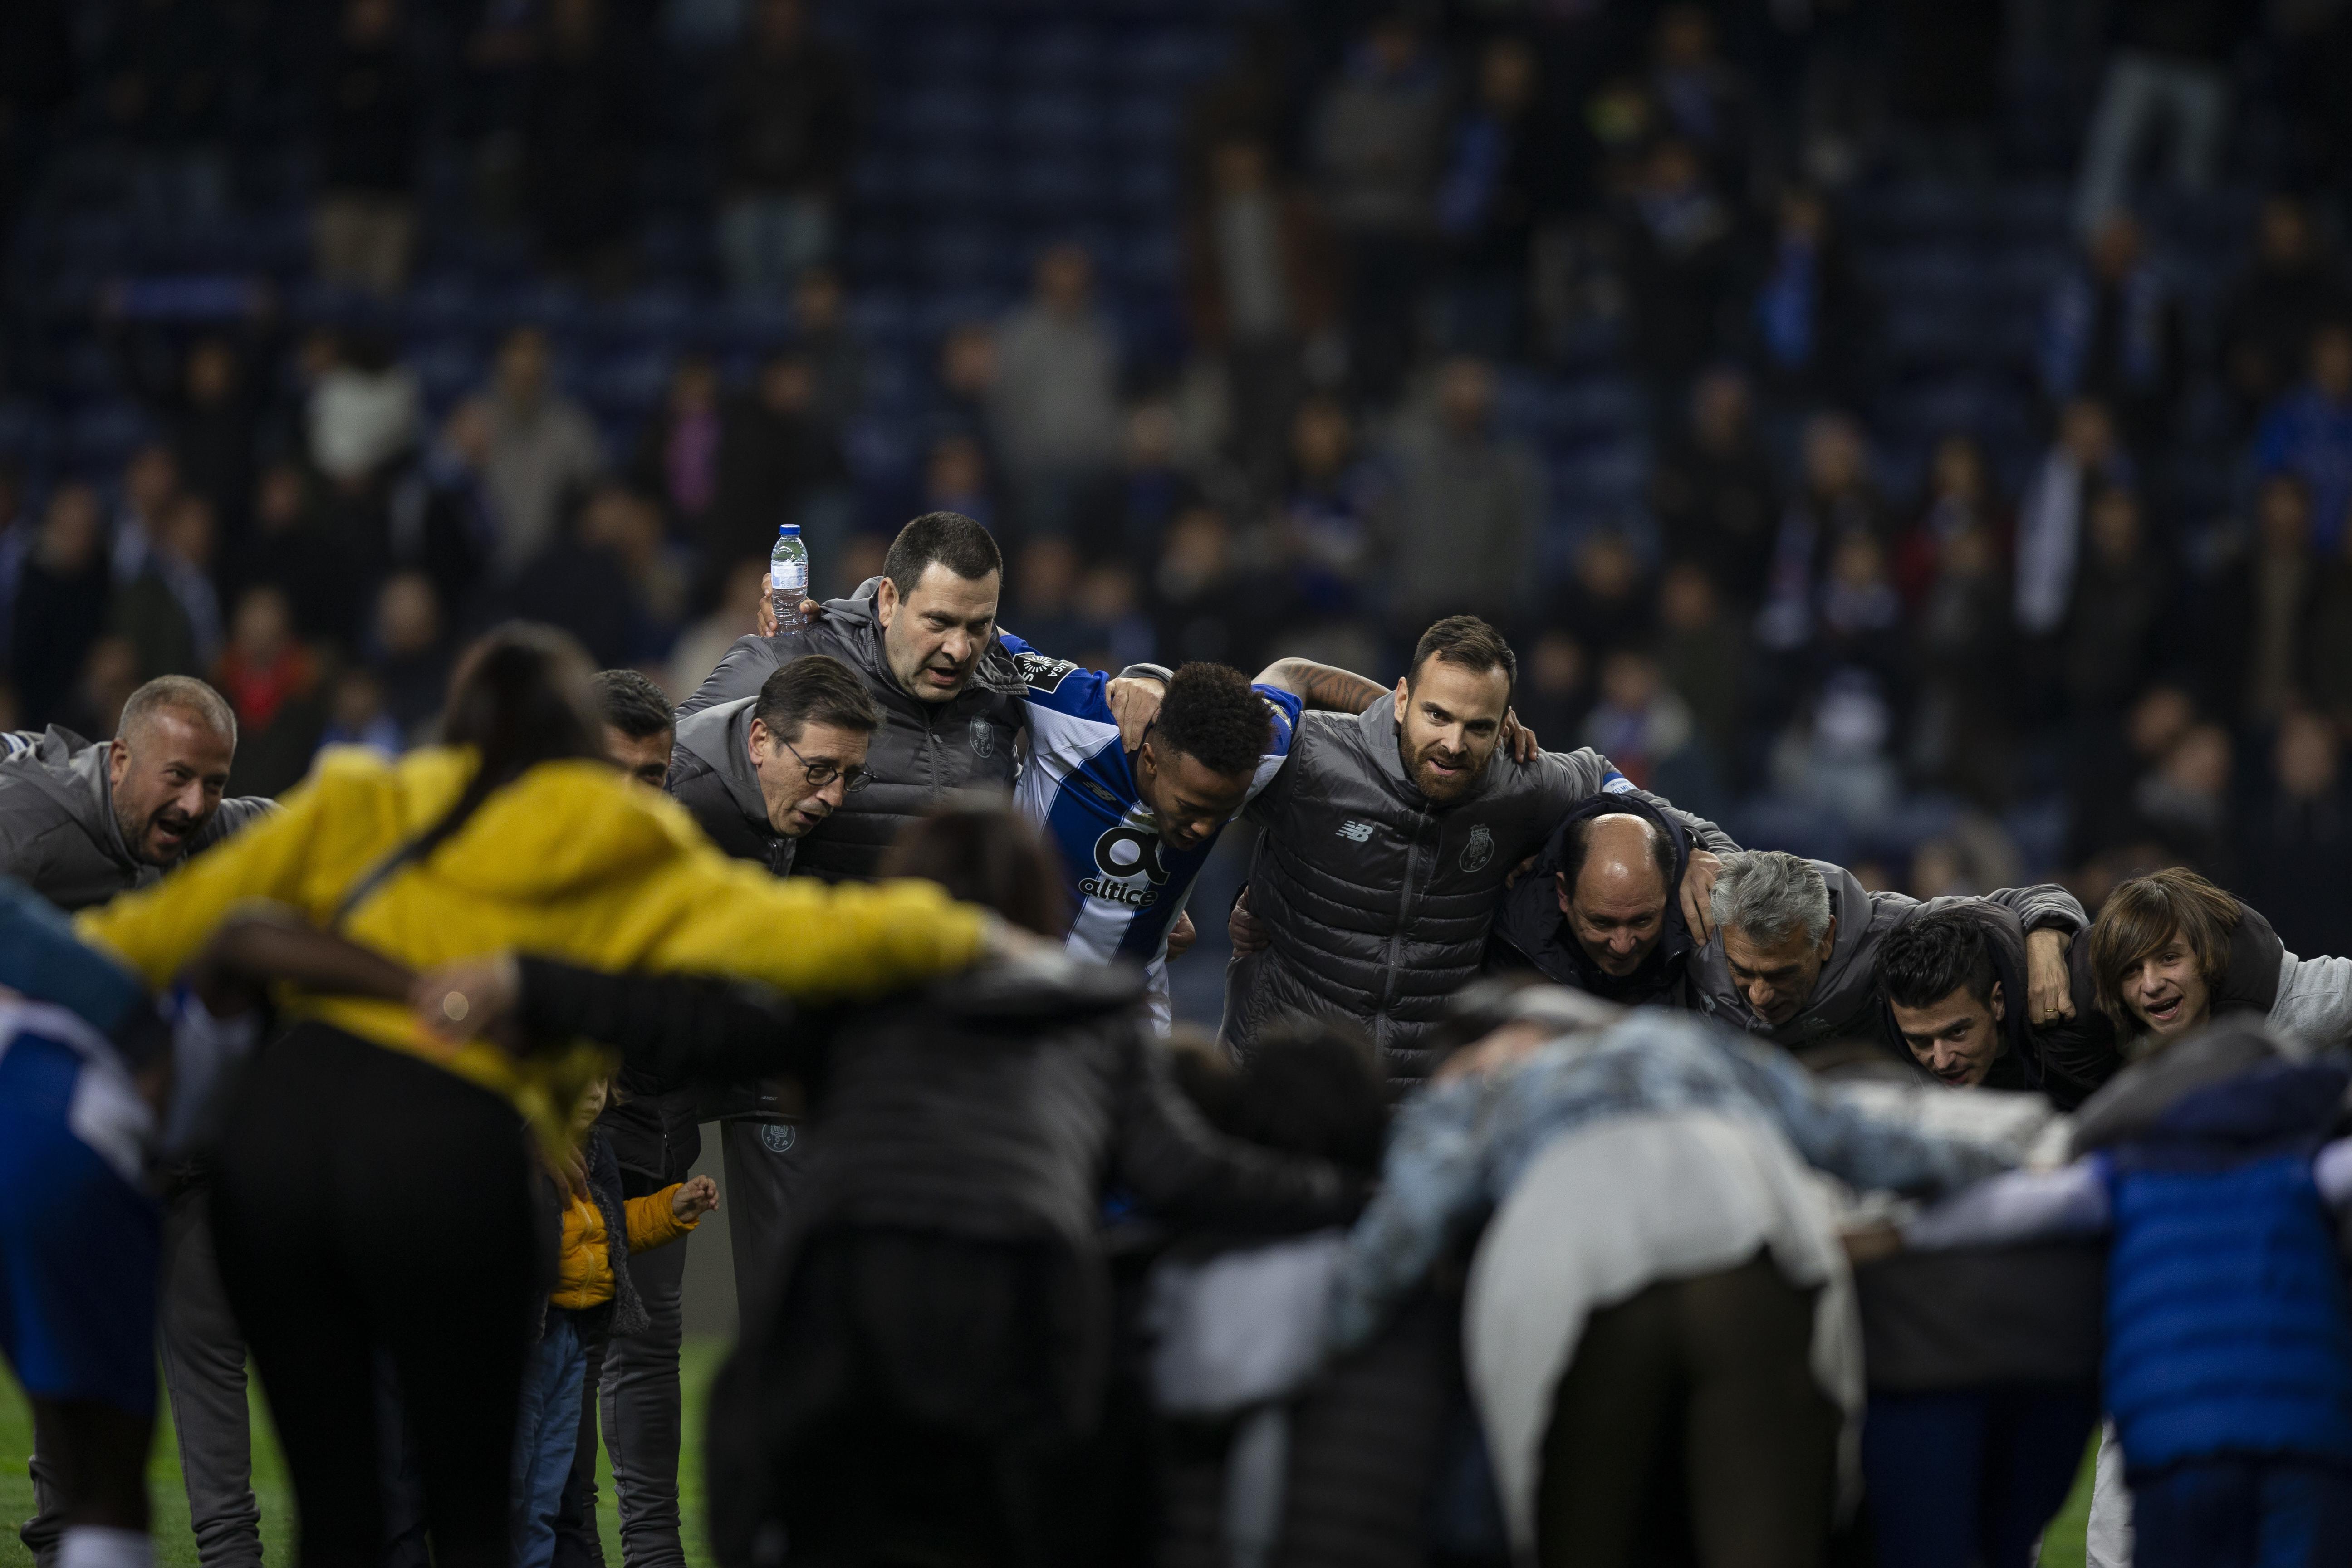 Plantel do FC Porto 'despediu-se' no Dragão com companhia especial